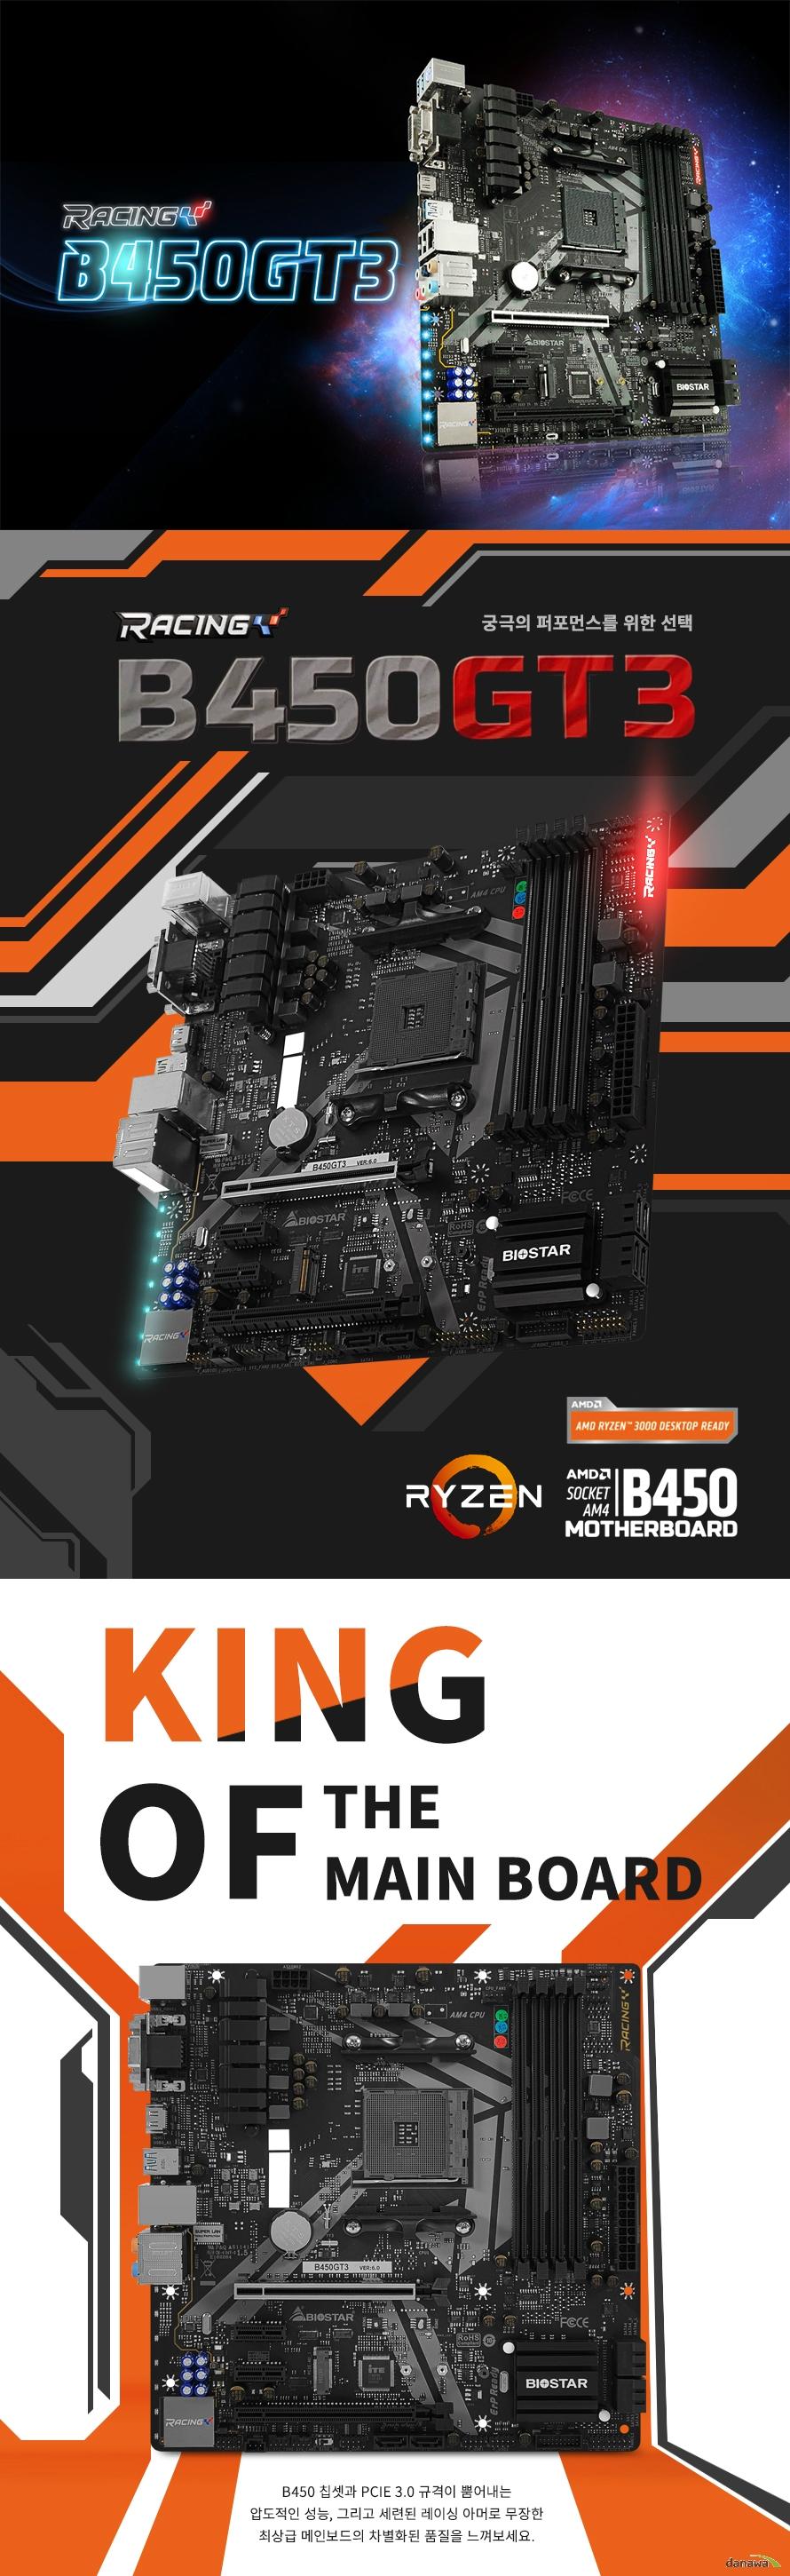 BIOSTAR RACING B450GT3